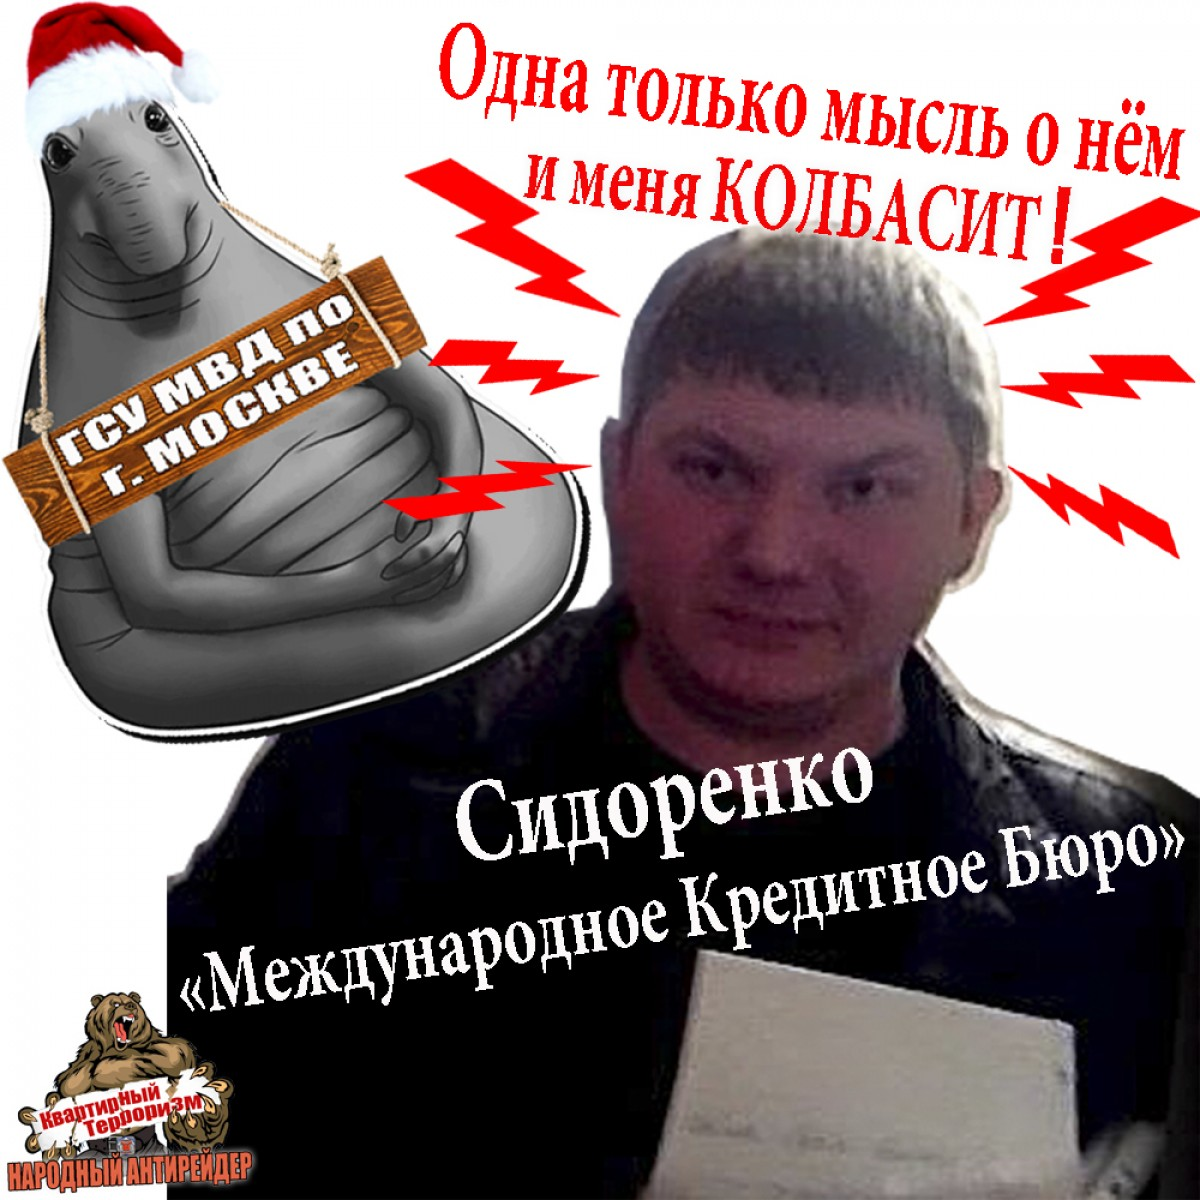 Народный антирейдер, общественный комитет по защите от квартирного рейдерства, Международное кредитное бюро